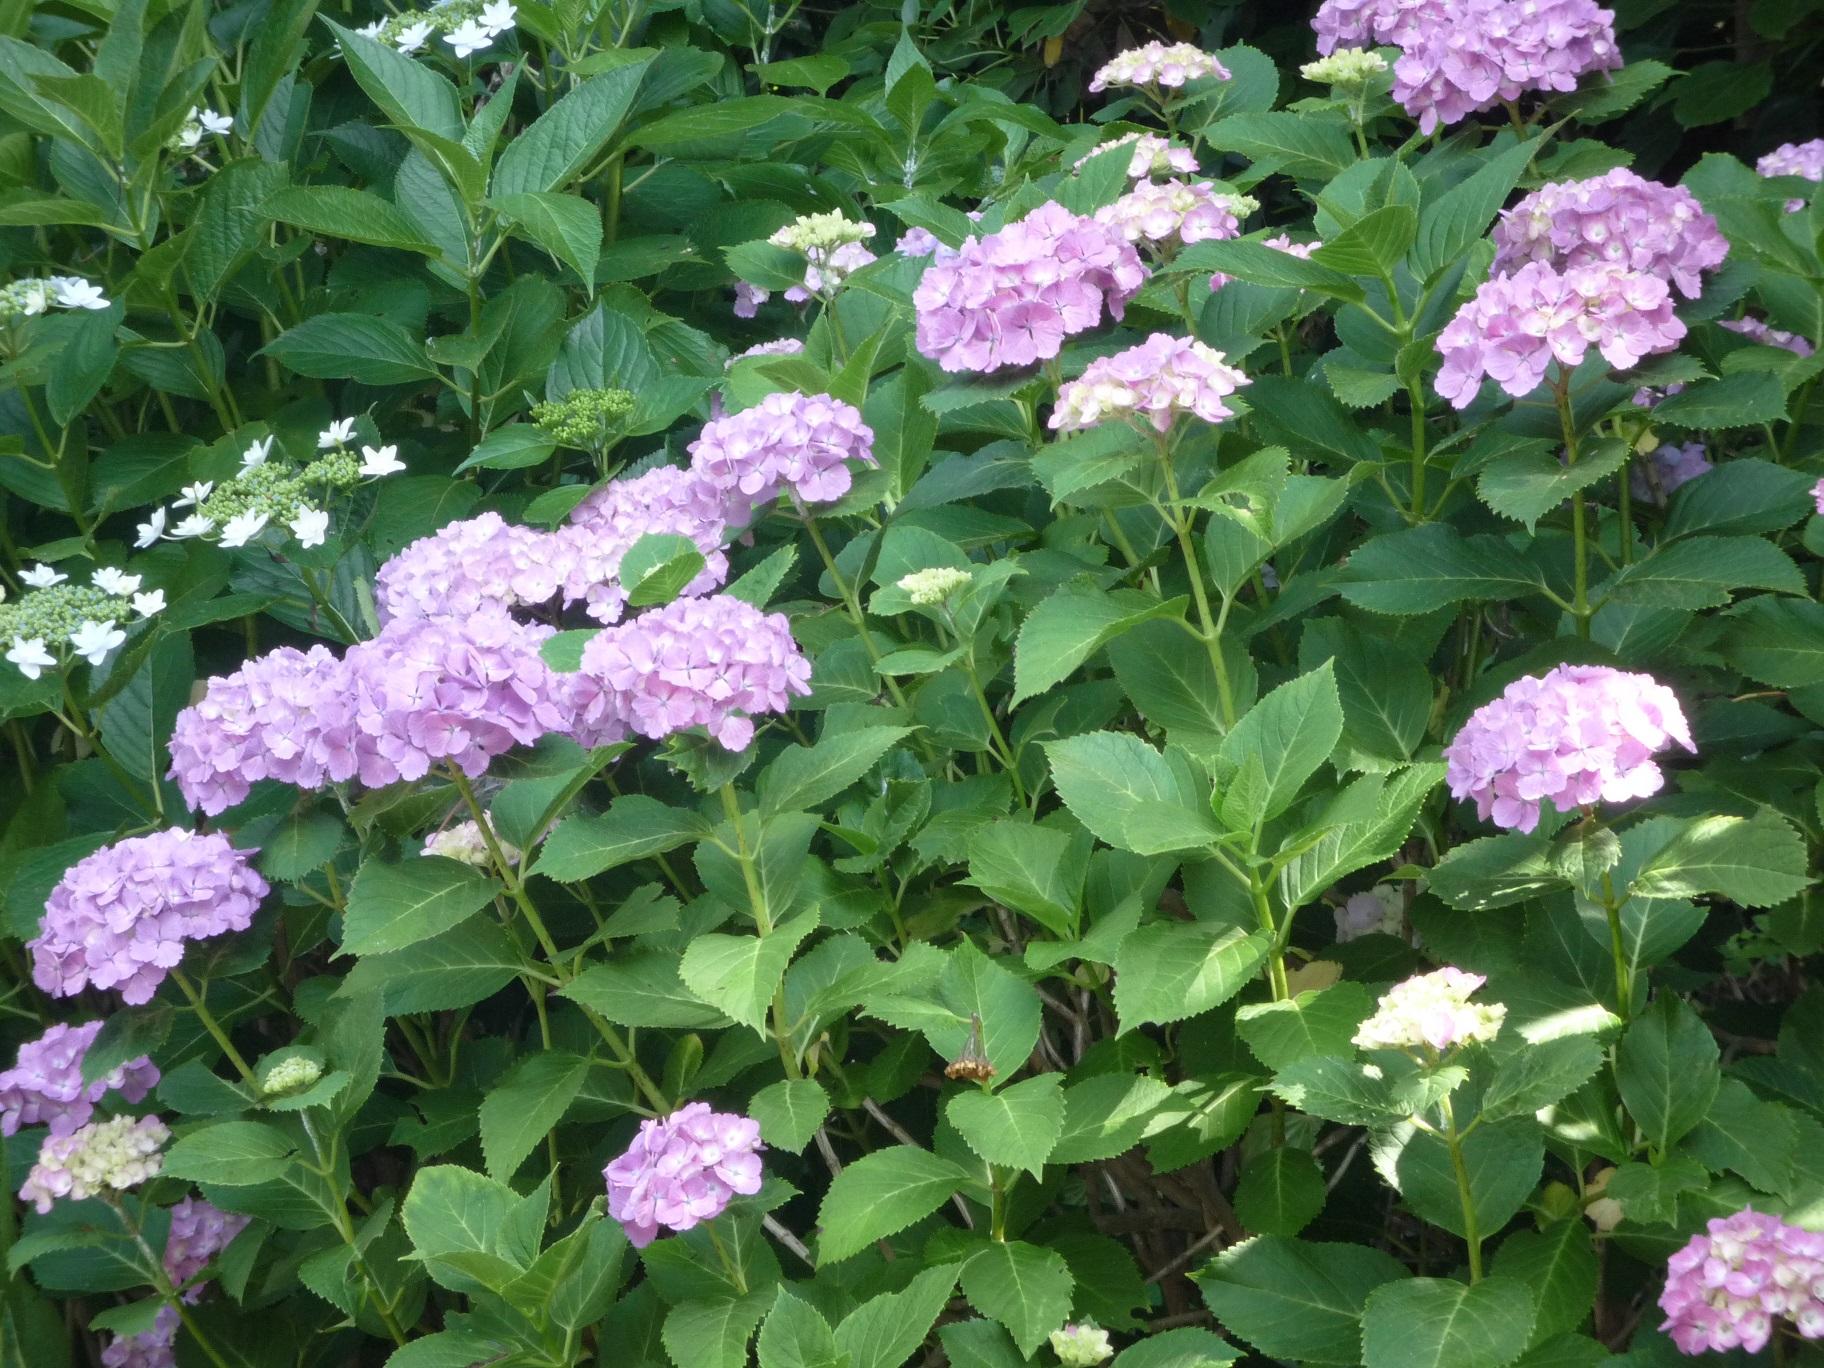 時期 紫陽花 挿し木 紫陽花を地植えする時期は?万華鏡なら挿し木・鉢植えがおすすめ?